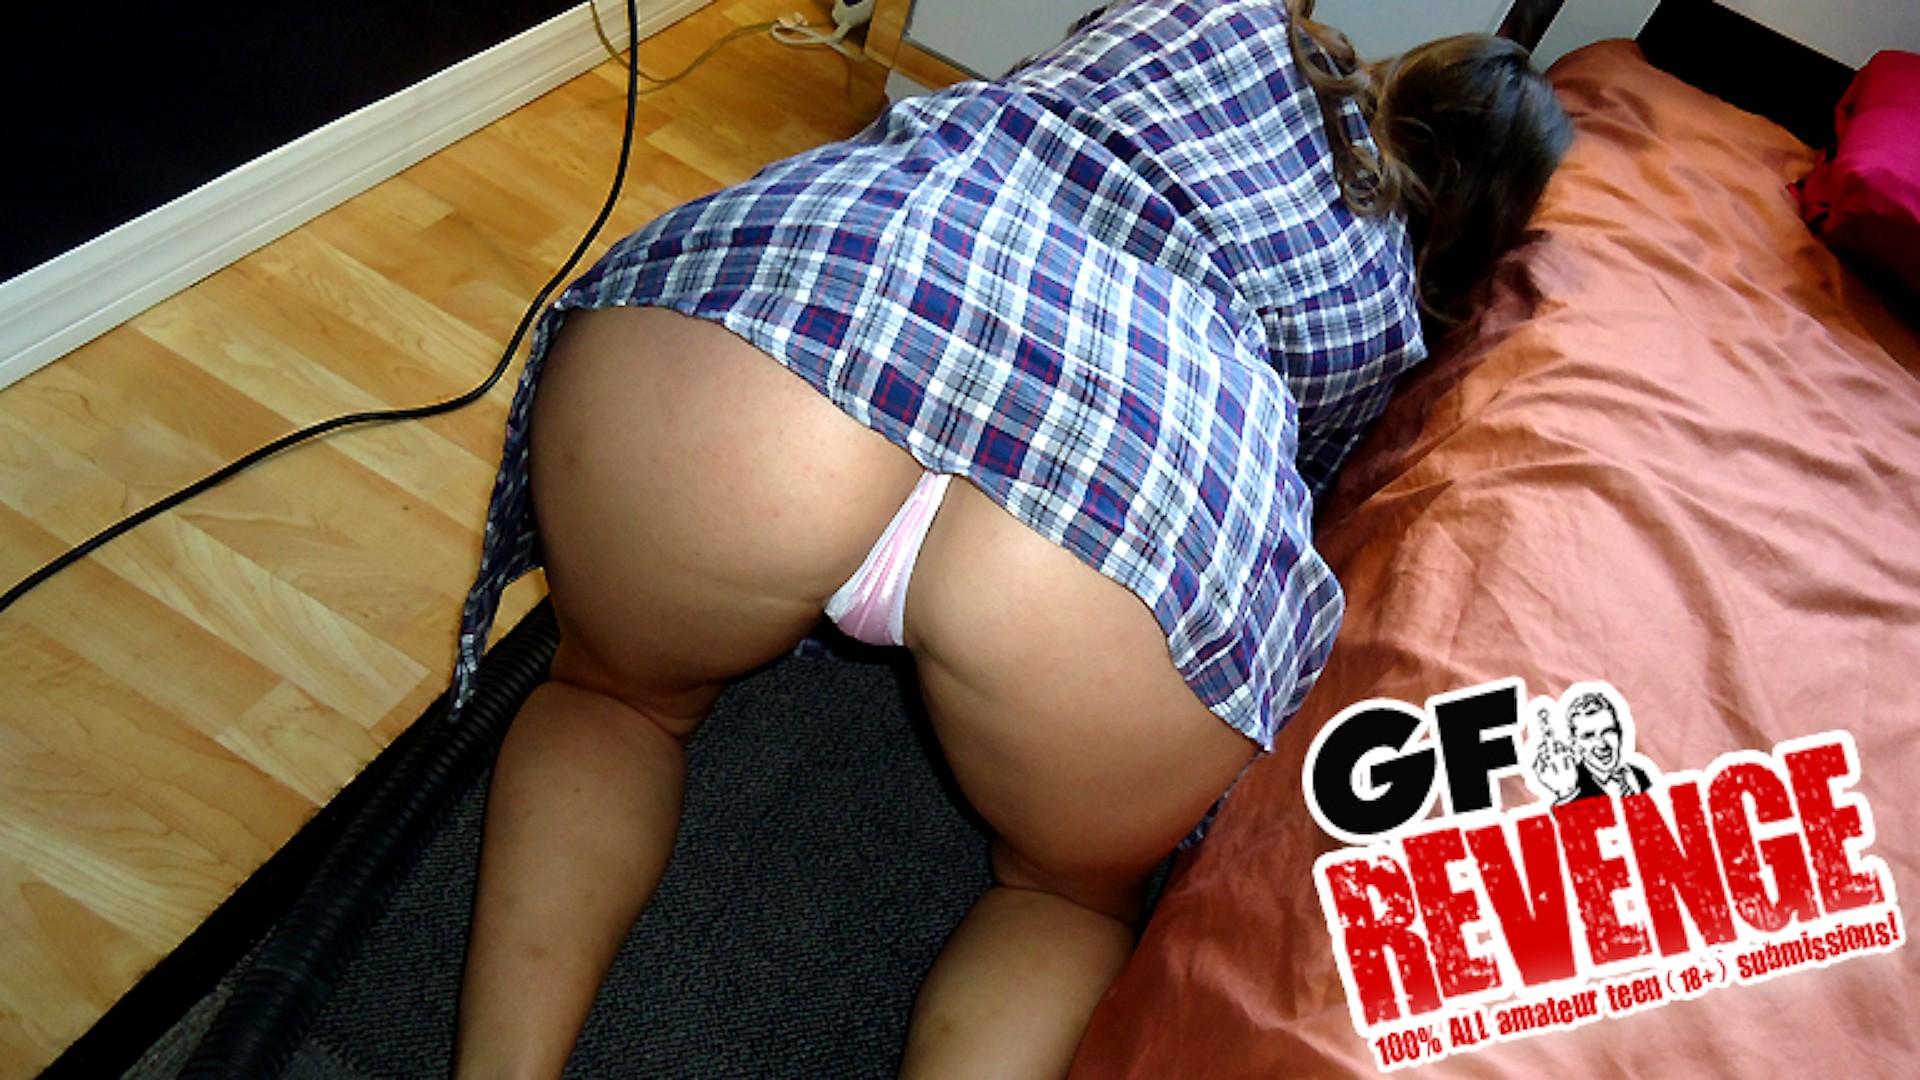 Dick Tasting - GF Revenge